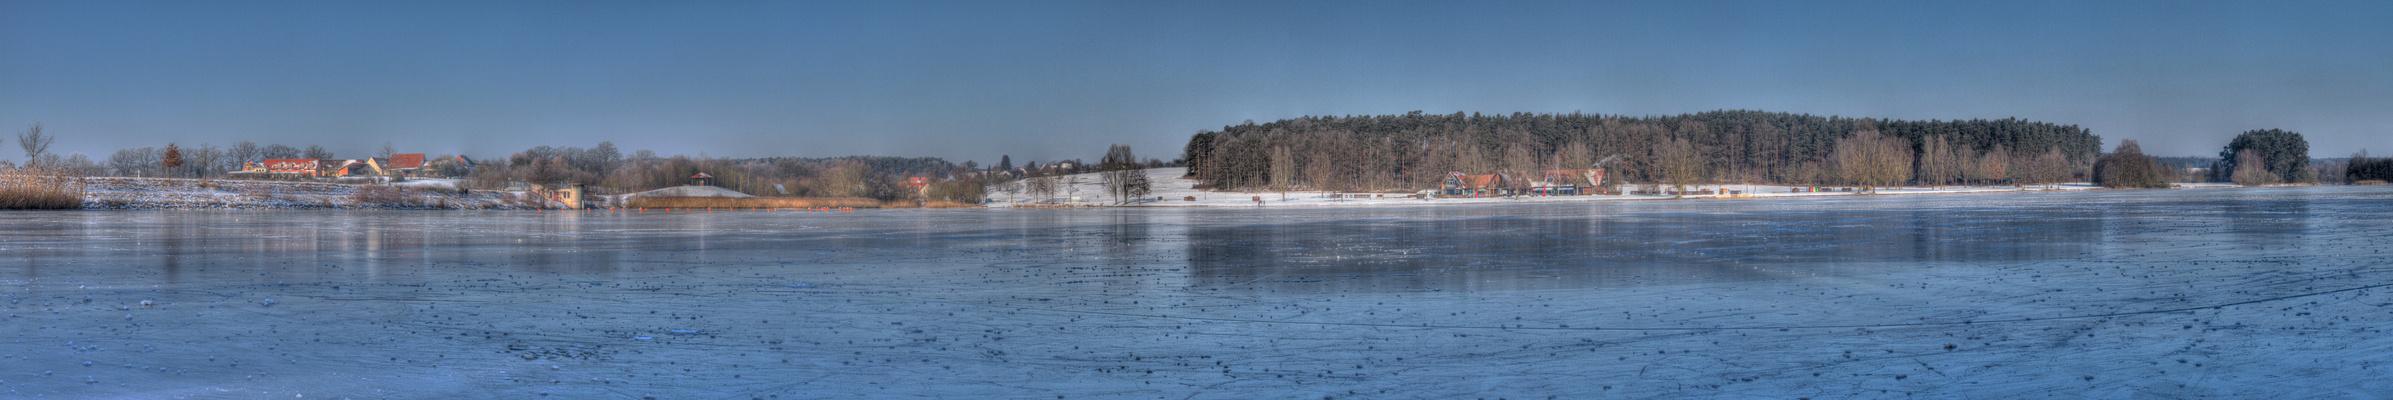 Rothsee Winterpanorama Januar 2012 HDR (4)